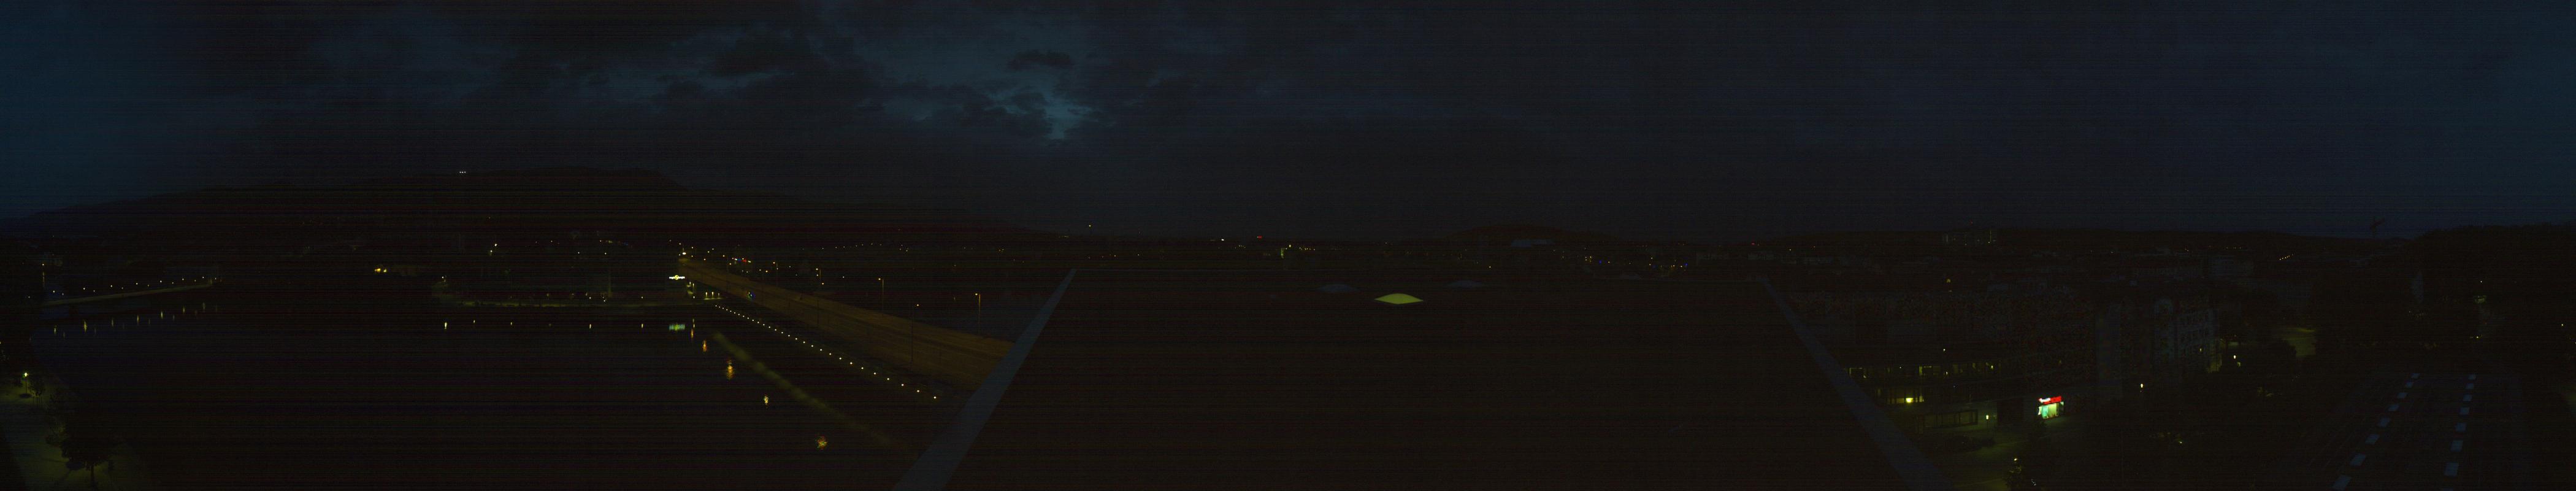 33h ago - 05:06